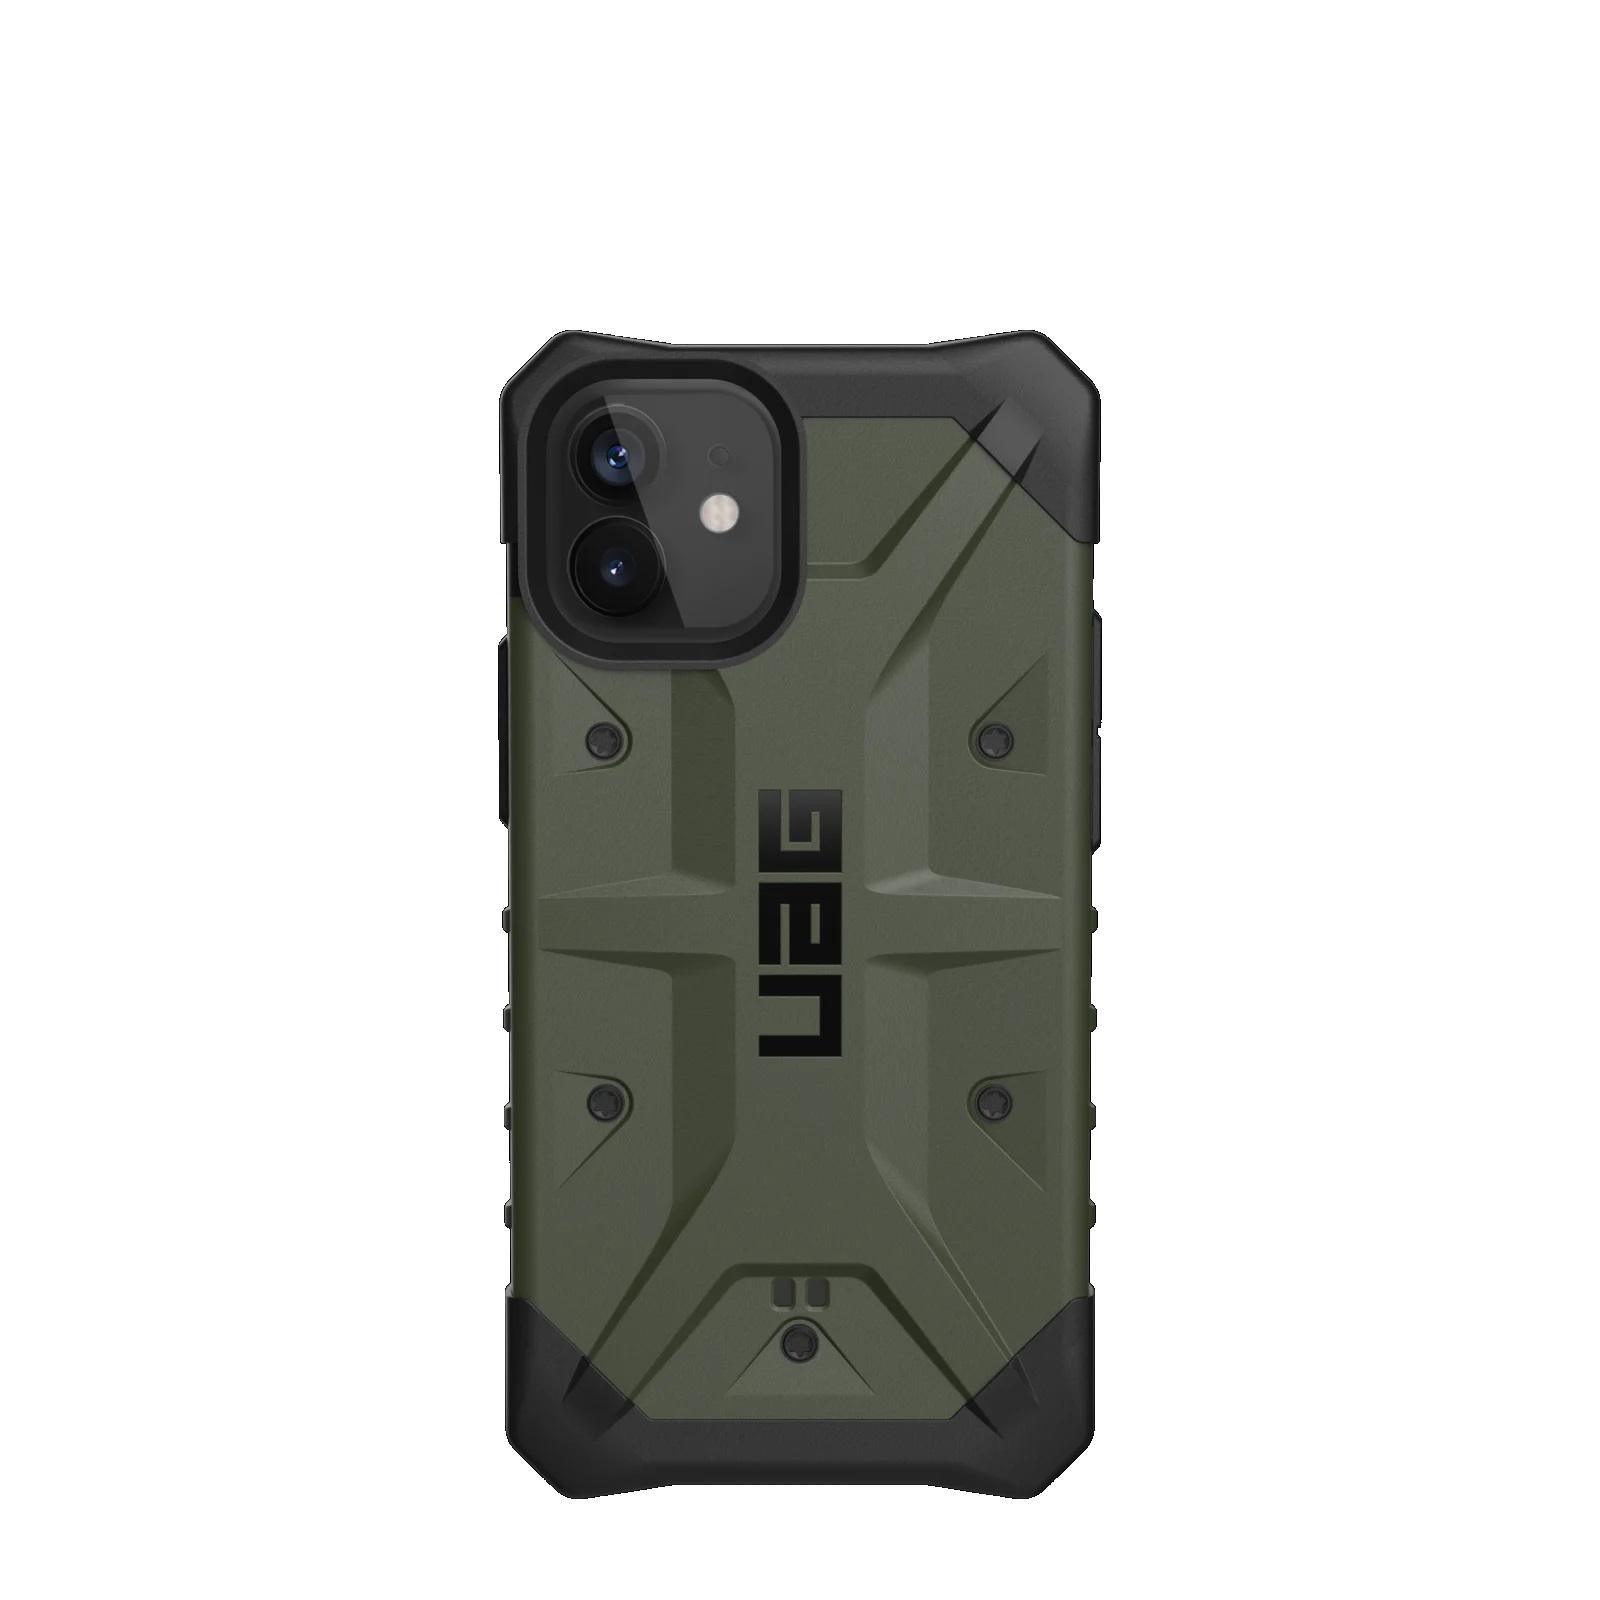 """Urban Armor Gear Pathfinder funda para teléfono móvil 13,7 cm (5.4"""") Negro, Oliva"""